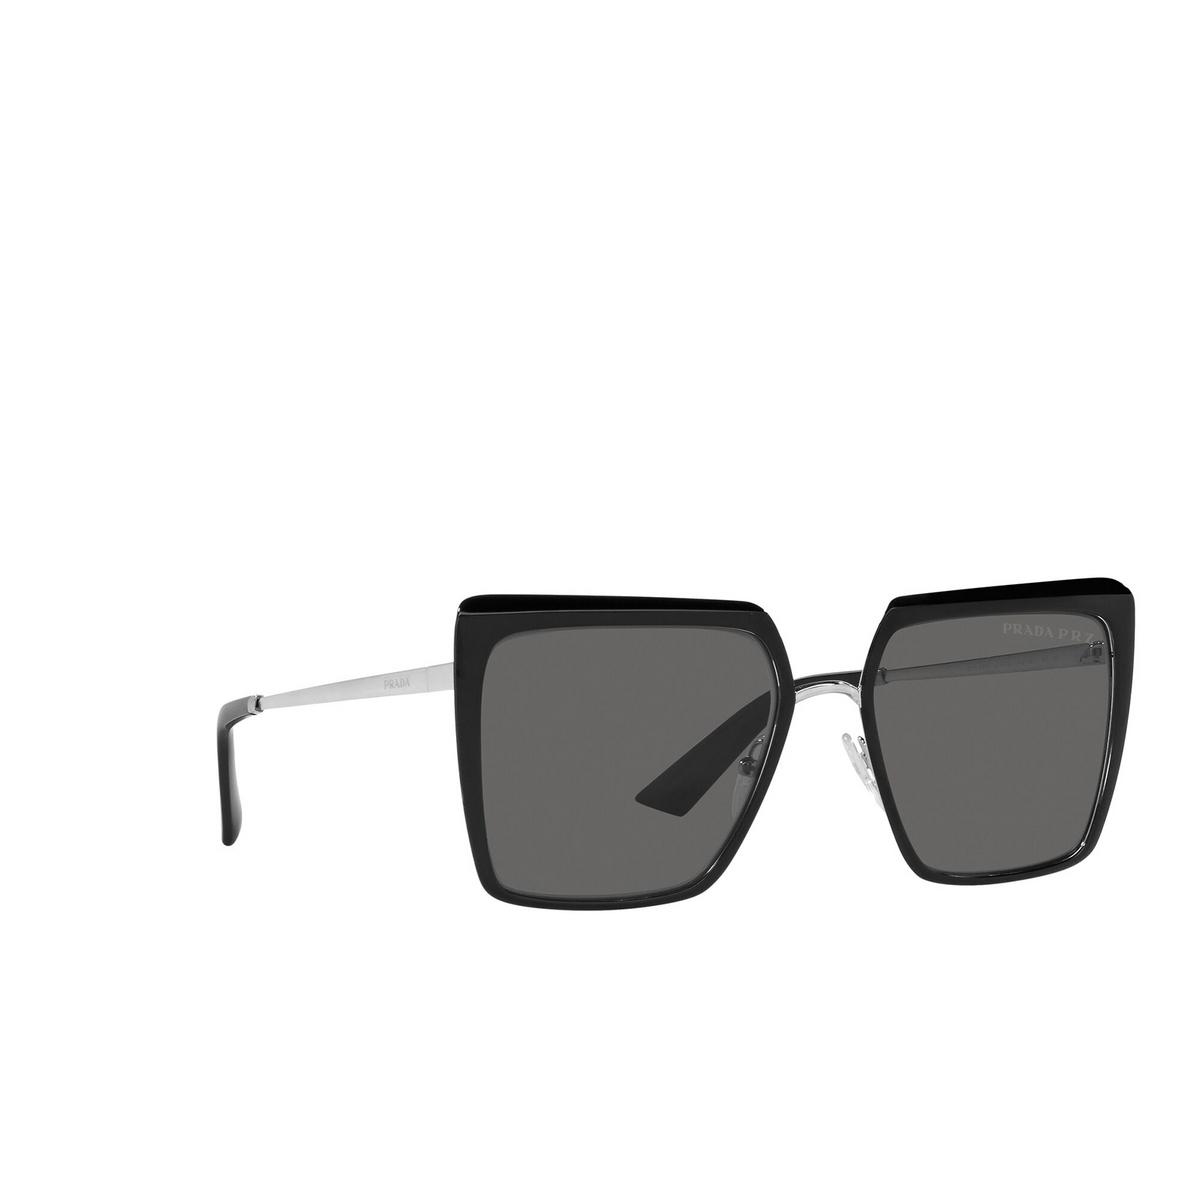 Prada® Square Sunglasses: PR 58WS color Black 1AB5Z1 - three-quarters view.